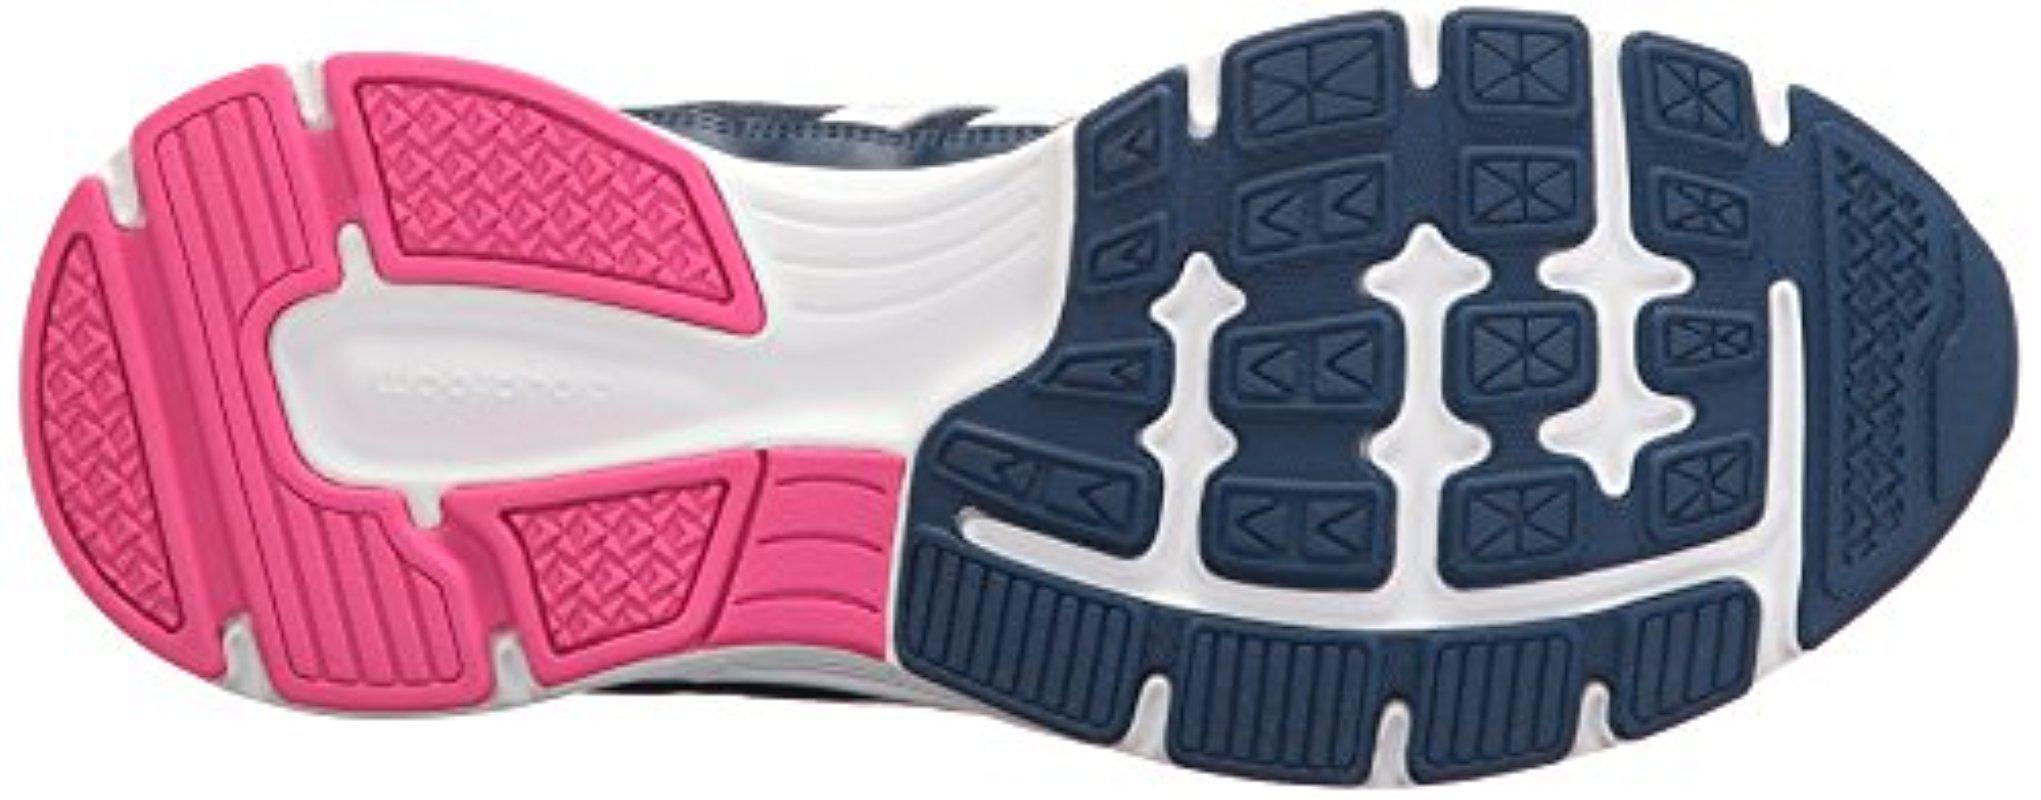 Adidas Neo Cloudfoam Vs City W Running Shoe